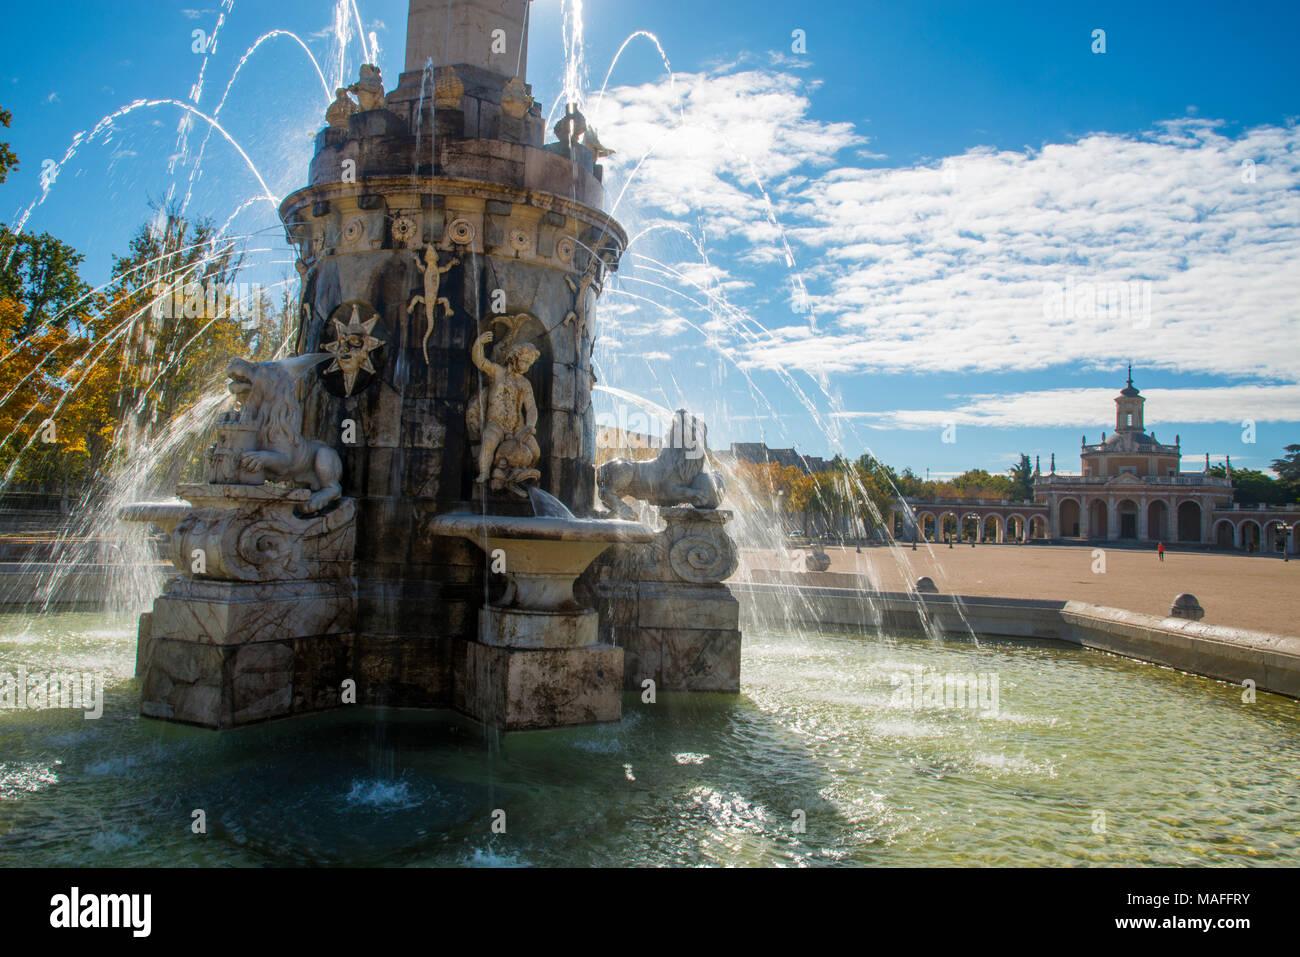 Fountain. San Antonio Square, Aranjuez, Madrid province, Spain. - Stock Image